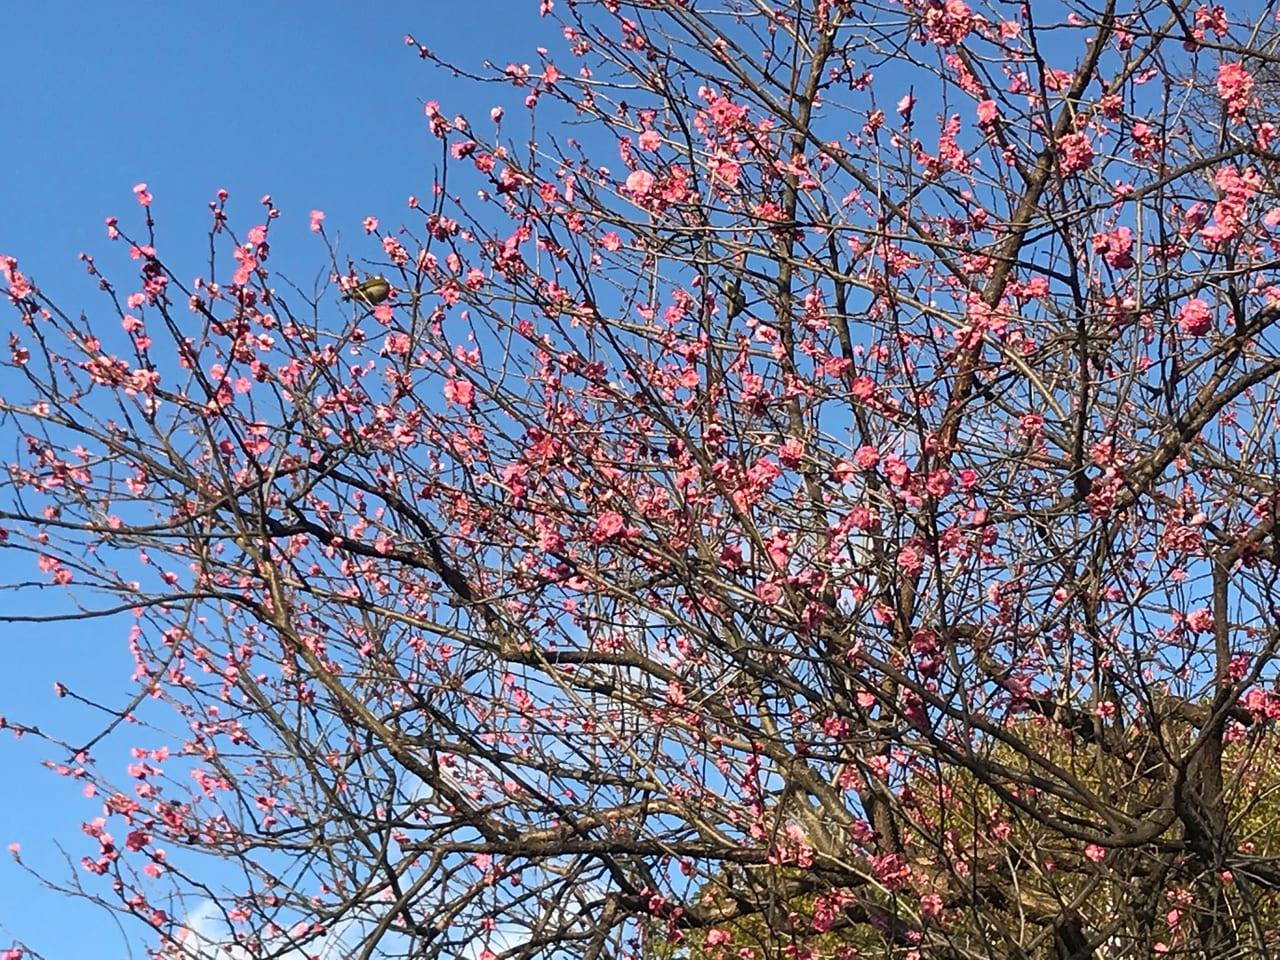 石手川沿いの2月上旬の梅の開花状況